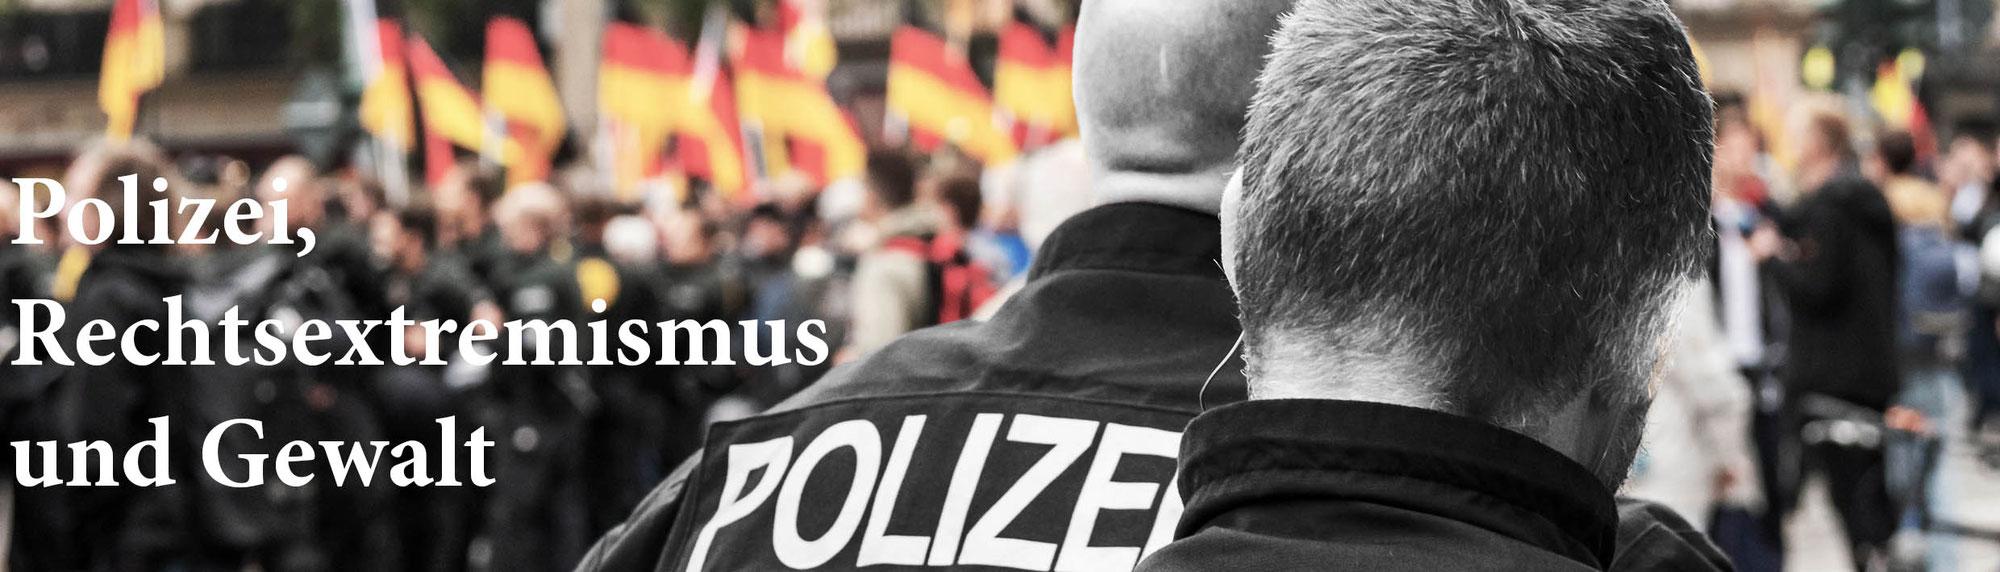 Polizei, Rechtsextremismus und Gewalt